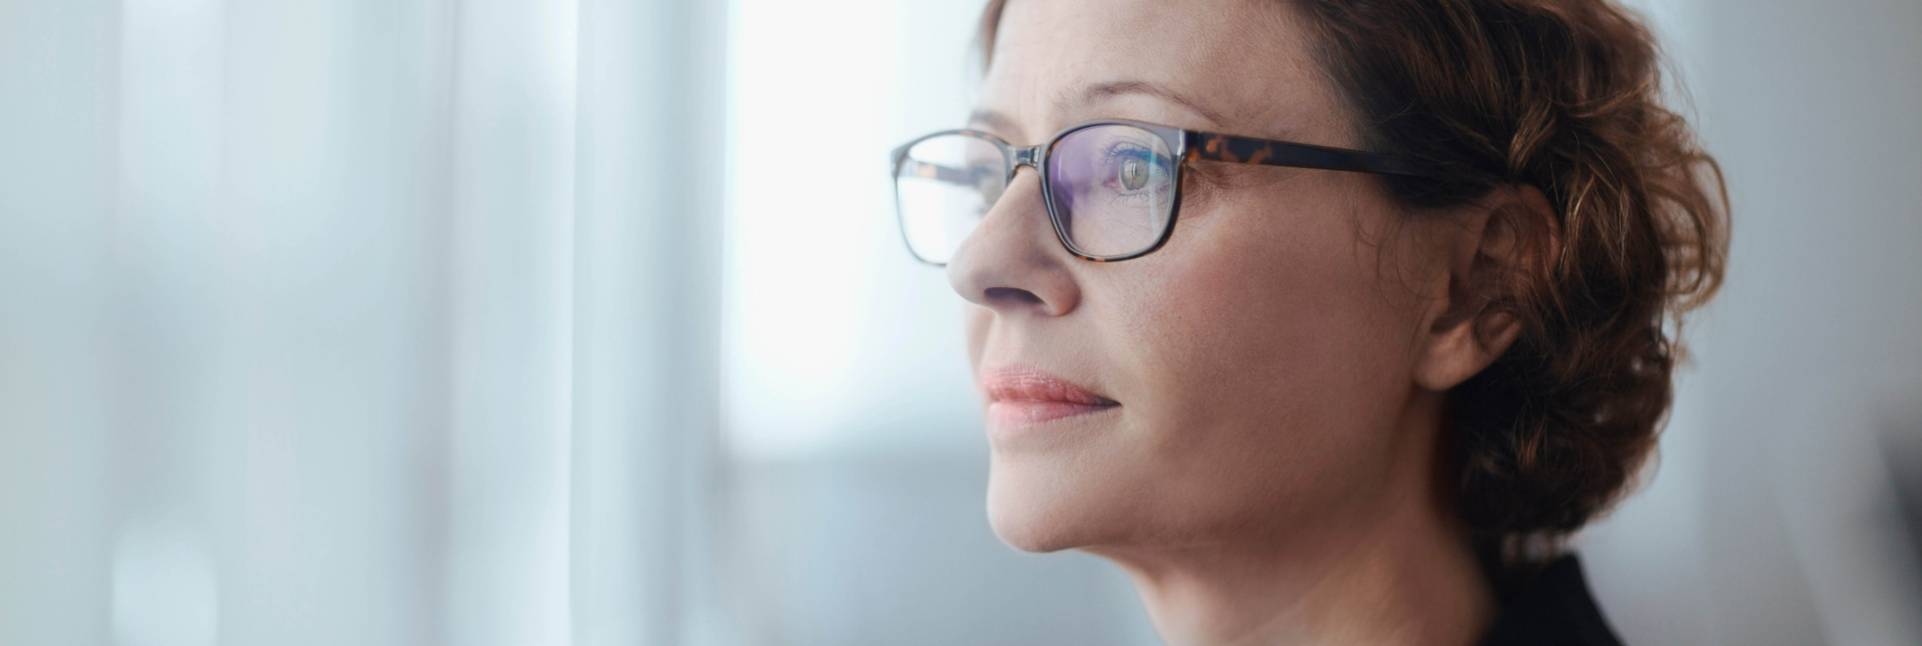 Dolor neuropático: qué es, causas y tratamiento